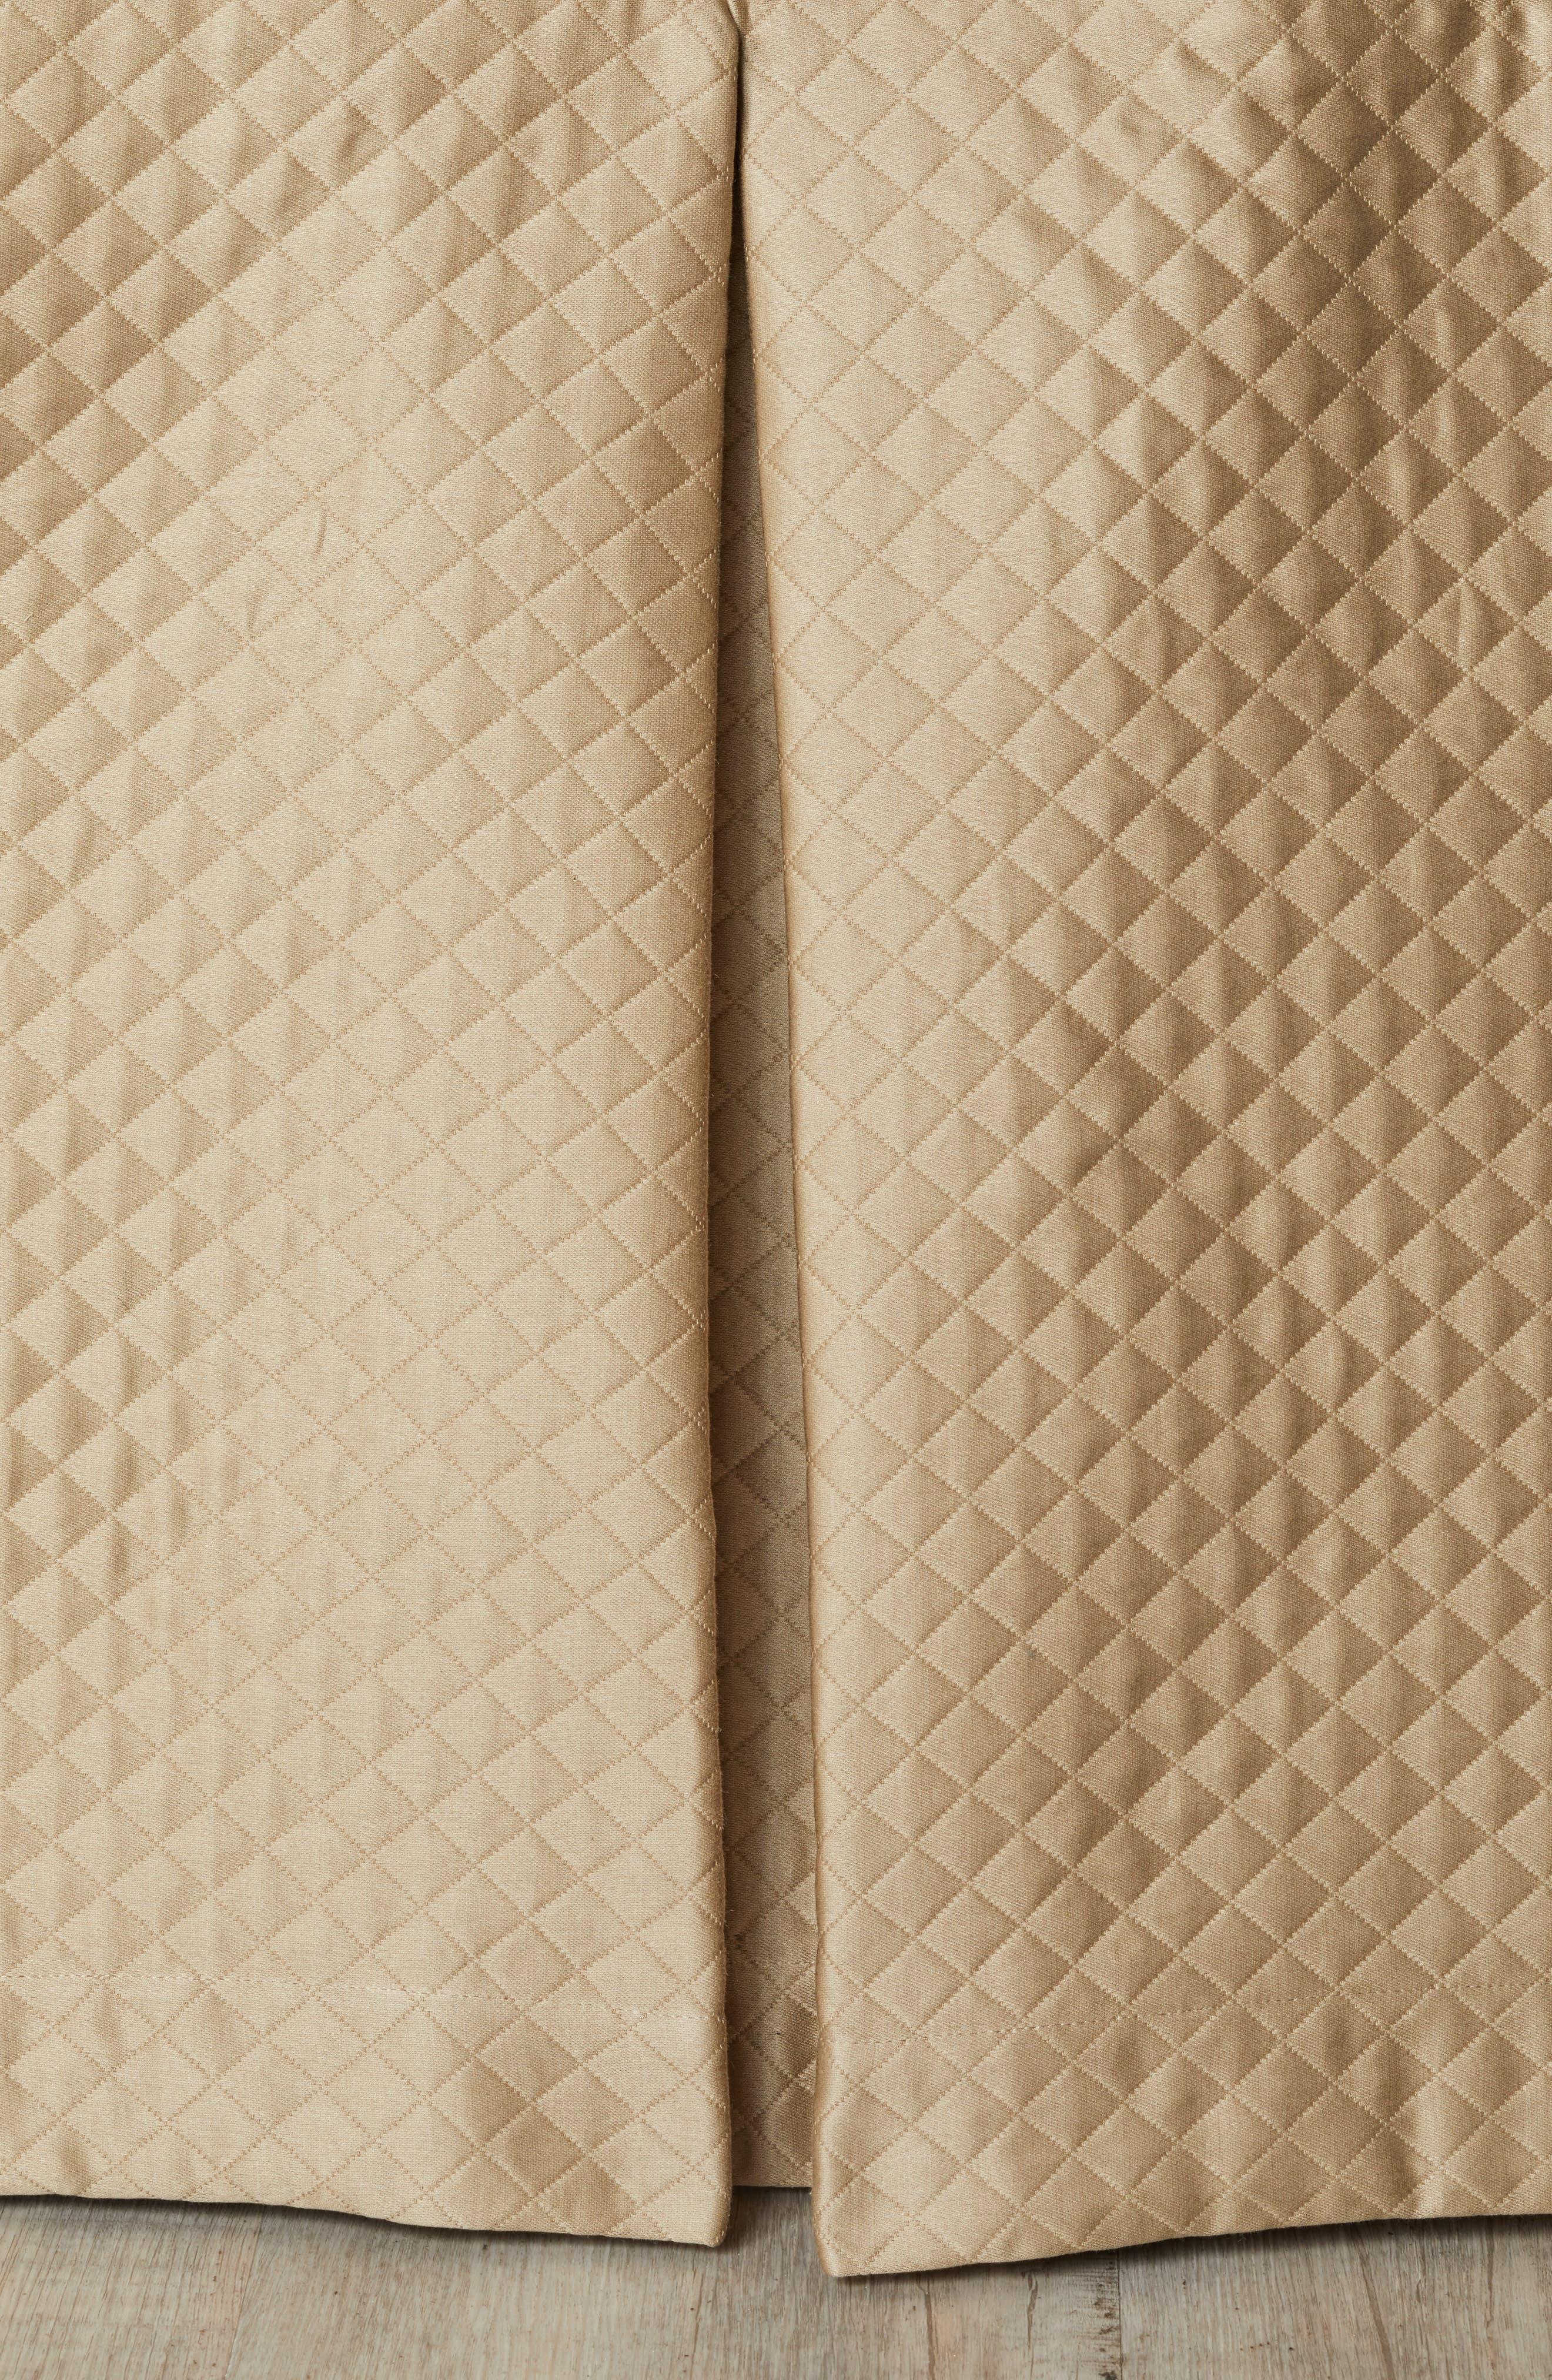 Bari Dust Ruffle,                         Main,                         color, TAUPE